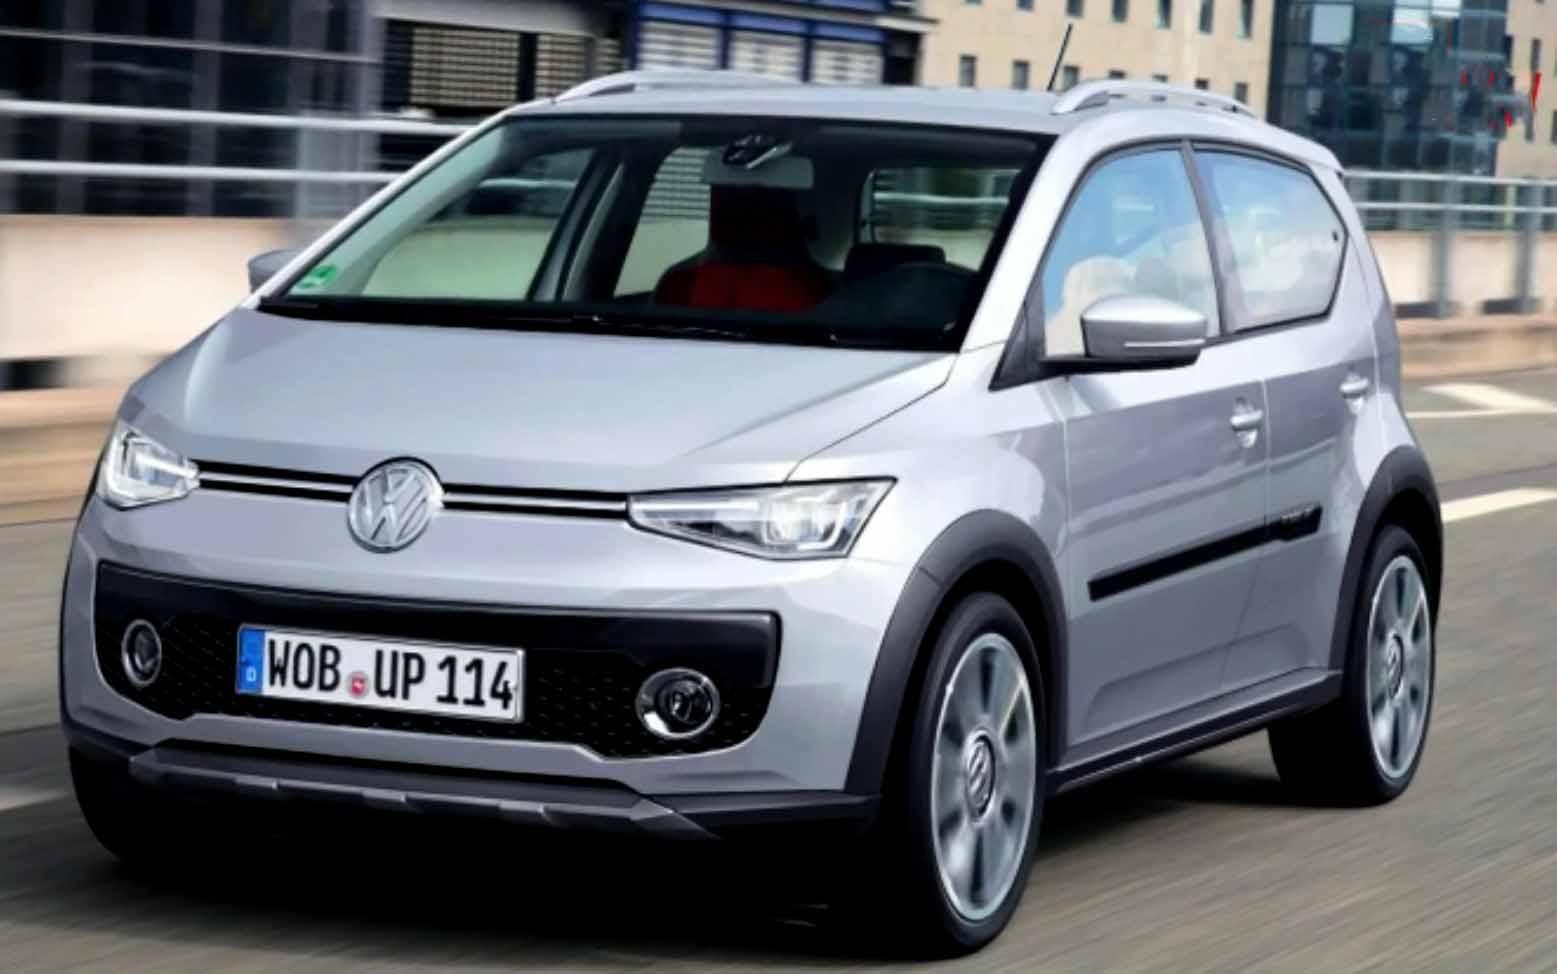 Vw Up! Facelift Na Europa Em 2016, Nova Geração Em 2020